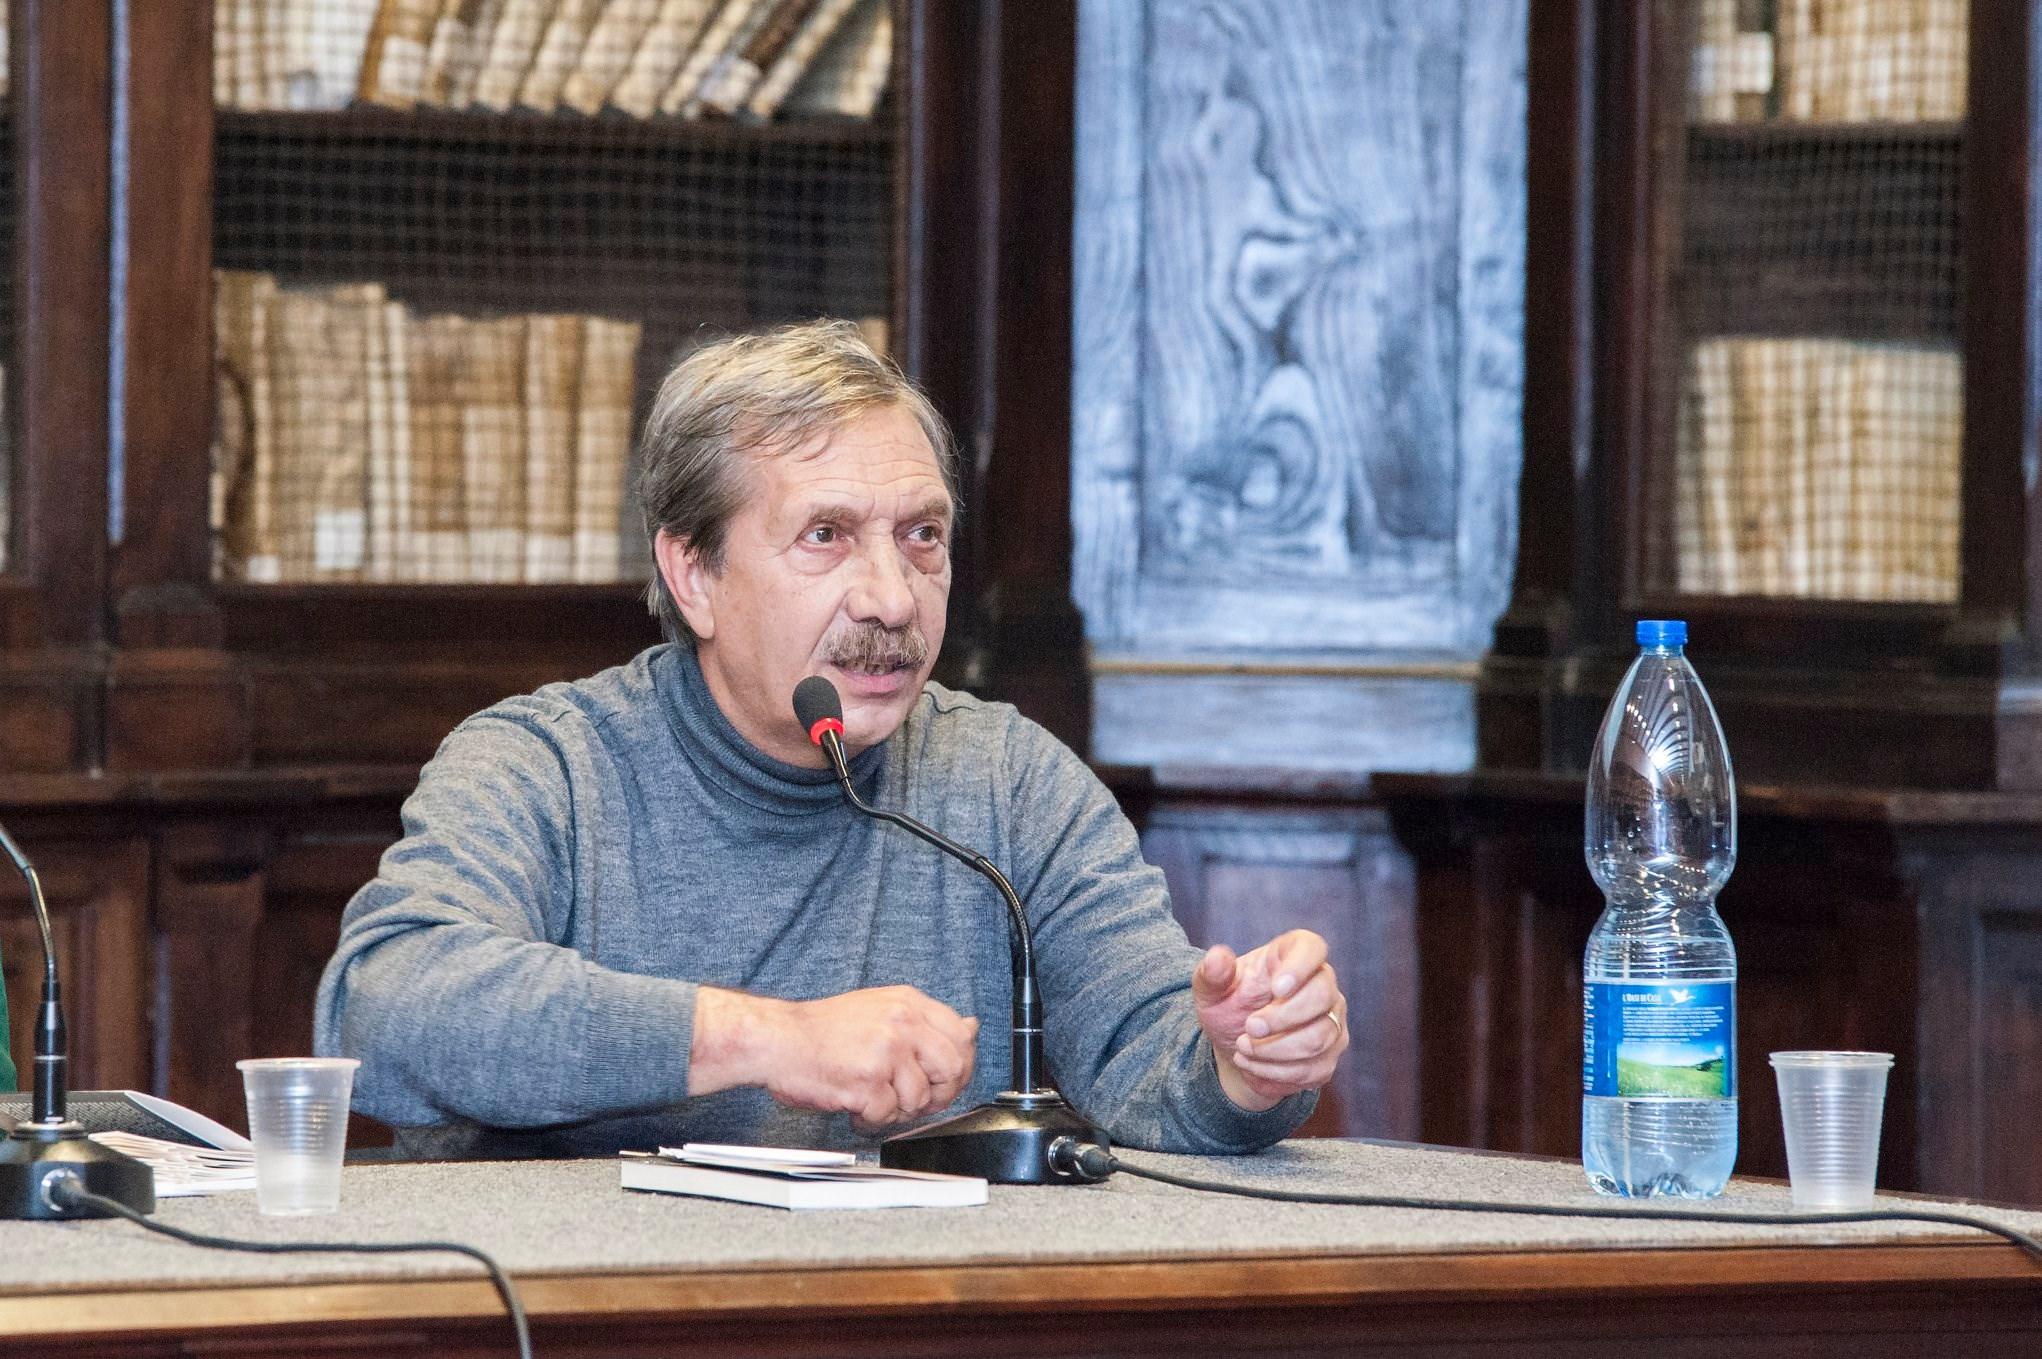 Ernesto Paolozzi, il filosofo si spegne all'età di 67 anni